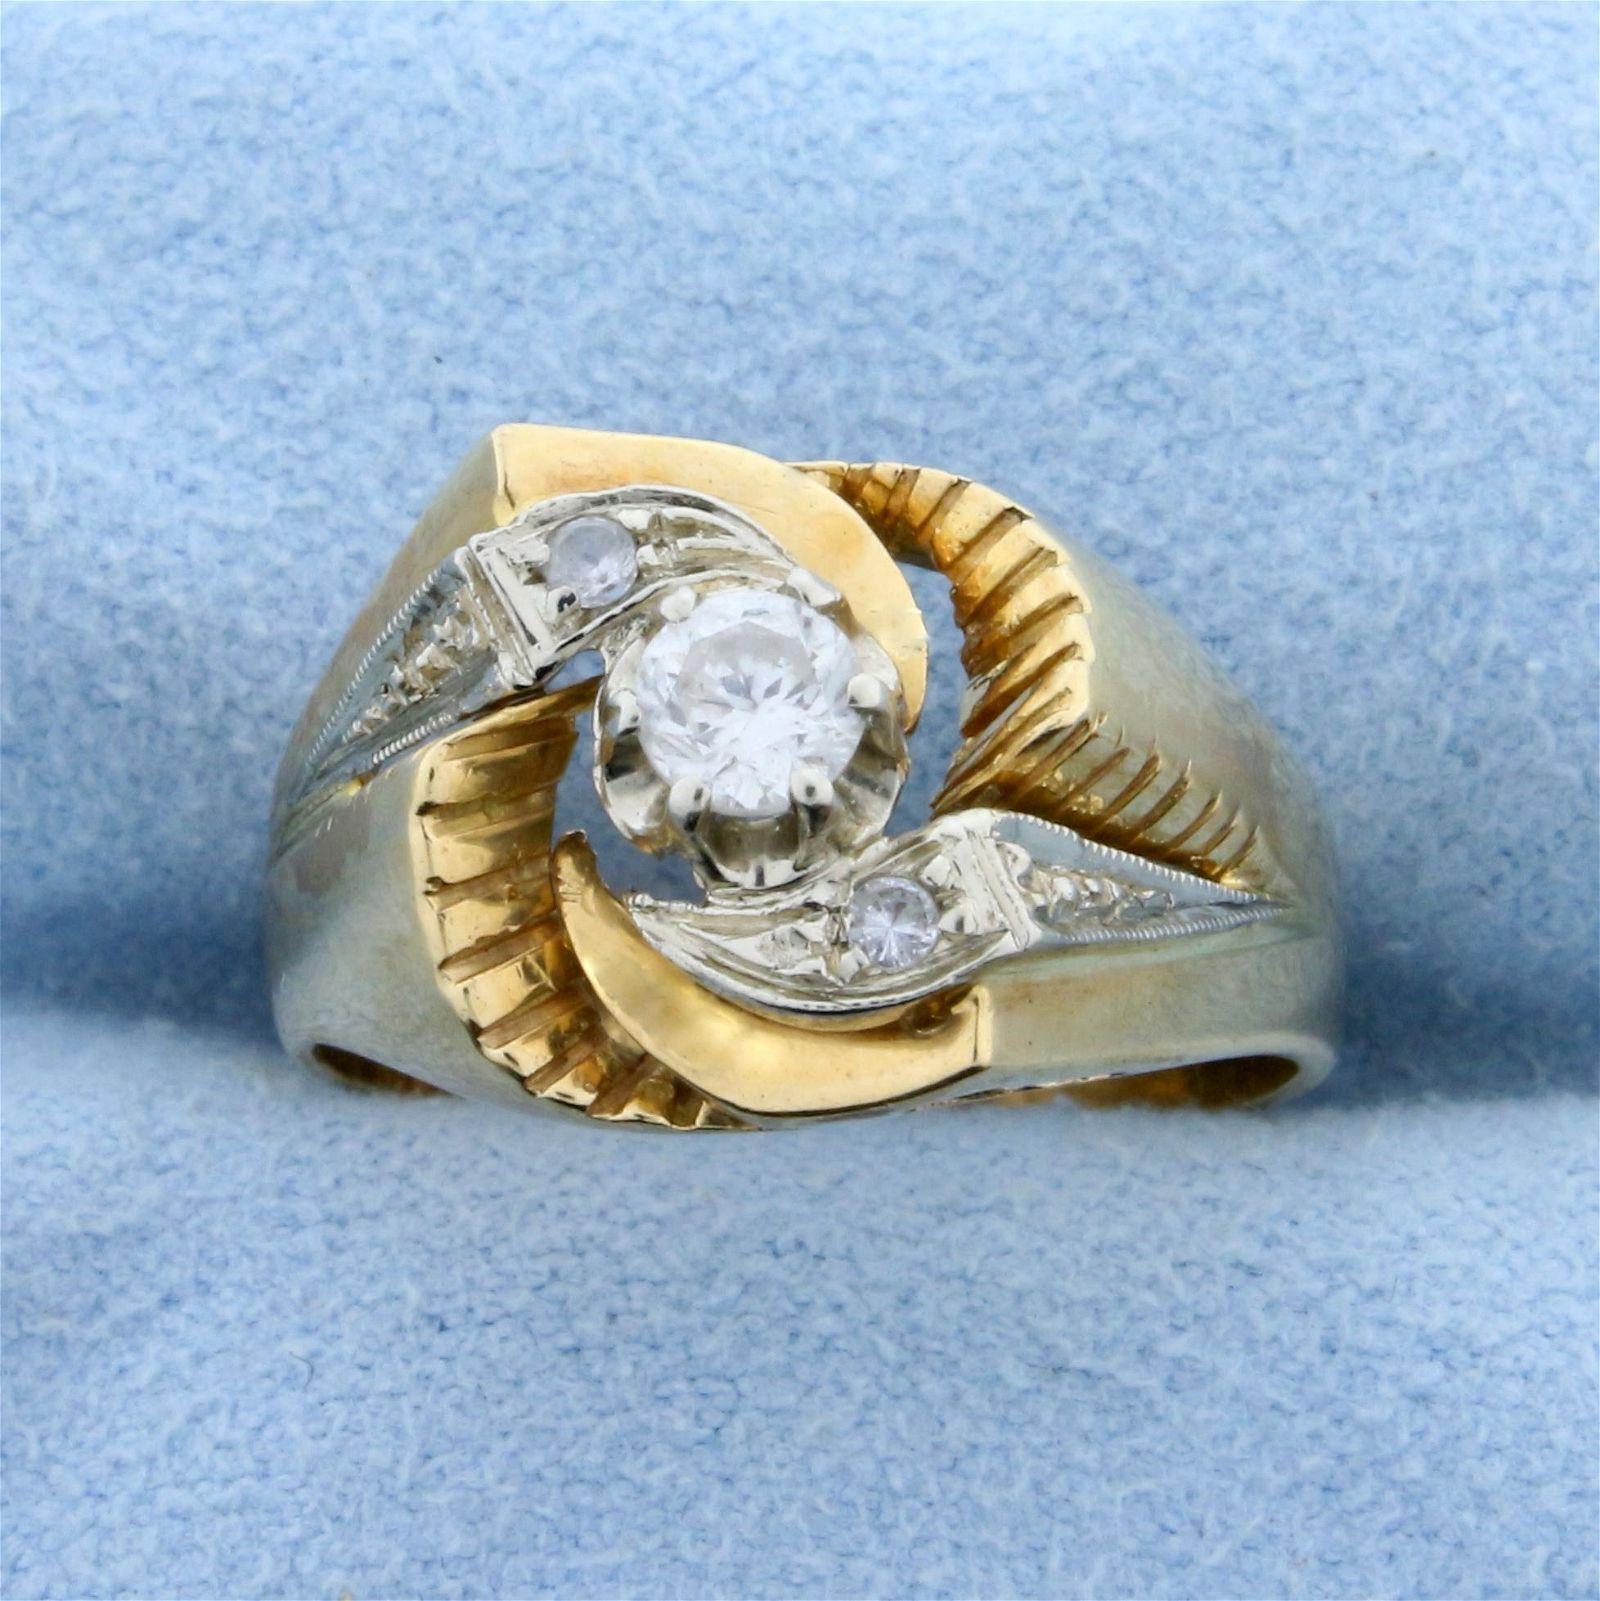 Unique Custom Designed Vintage .3ct TW Diamond Ring in